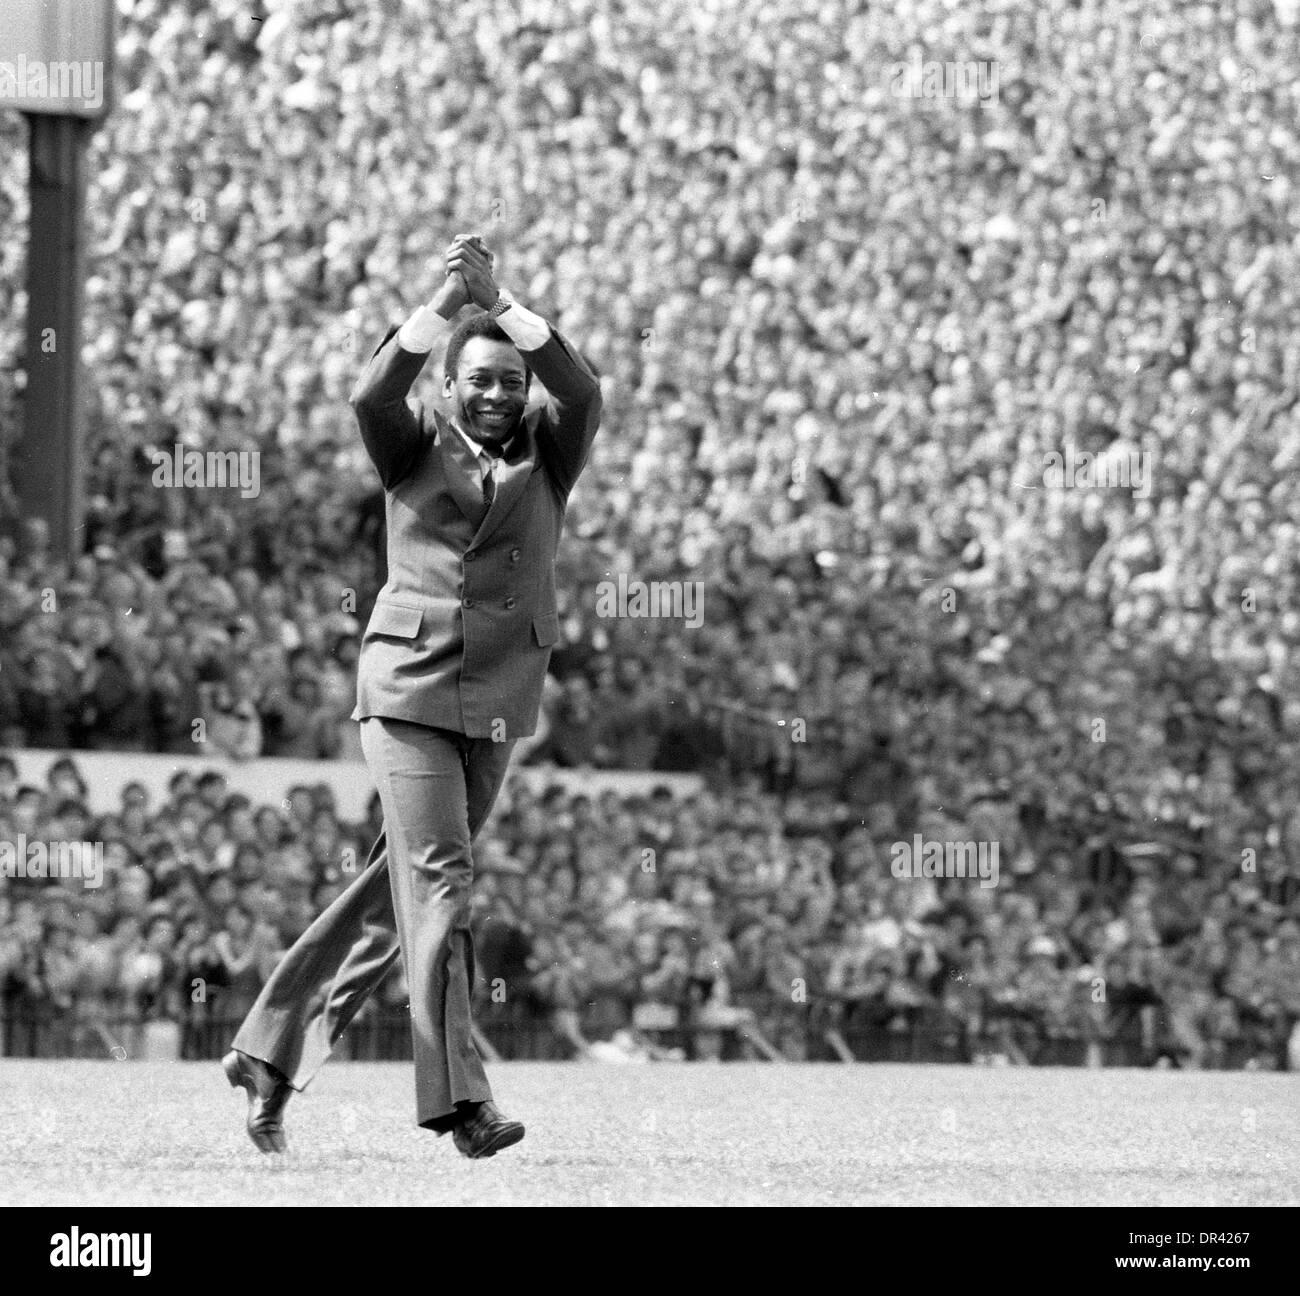 Leggenda calcistica di Pele saluta la folla prima della partita tra Arsenal V Aston Villa di Highbury 1981 Immagini Stock